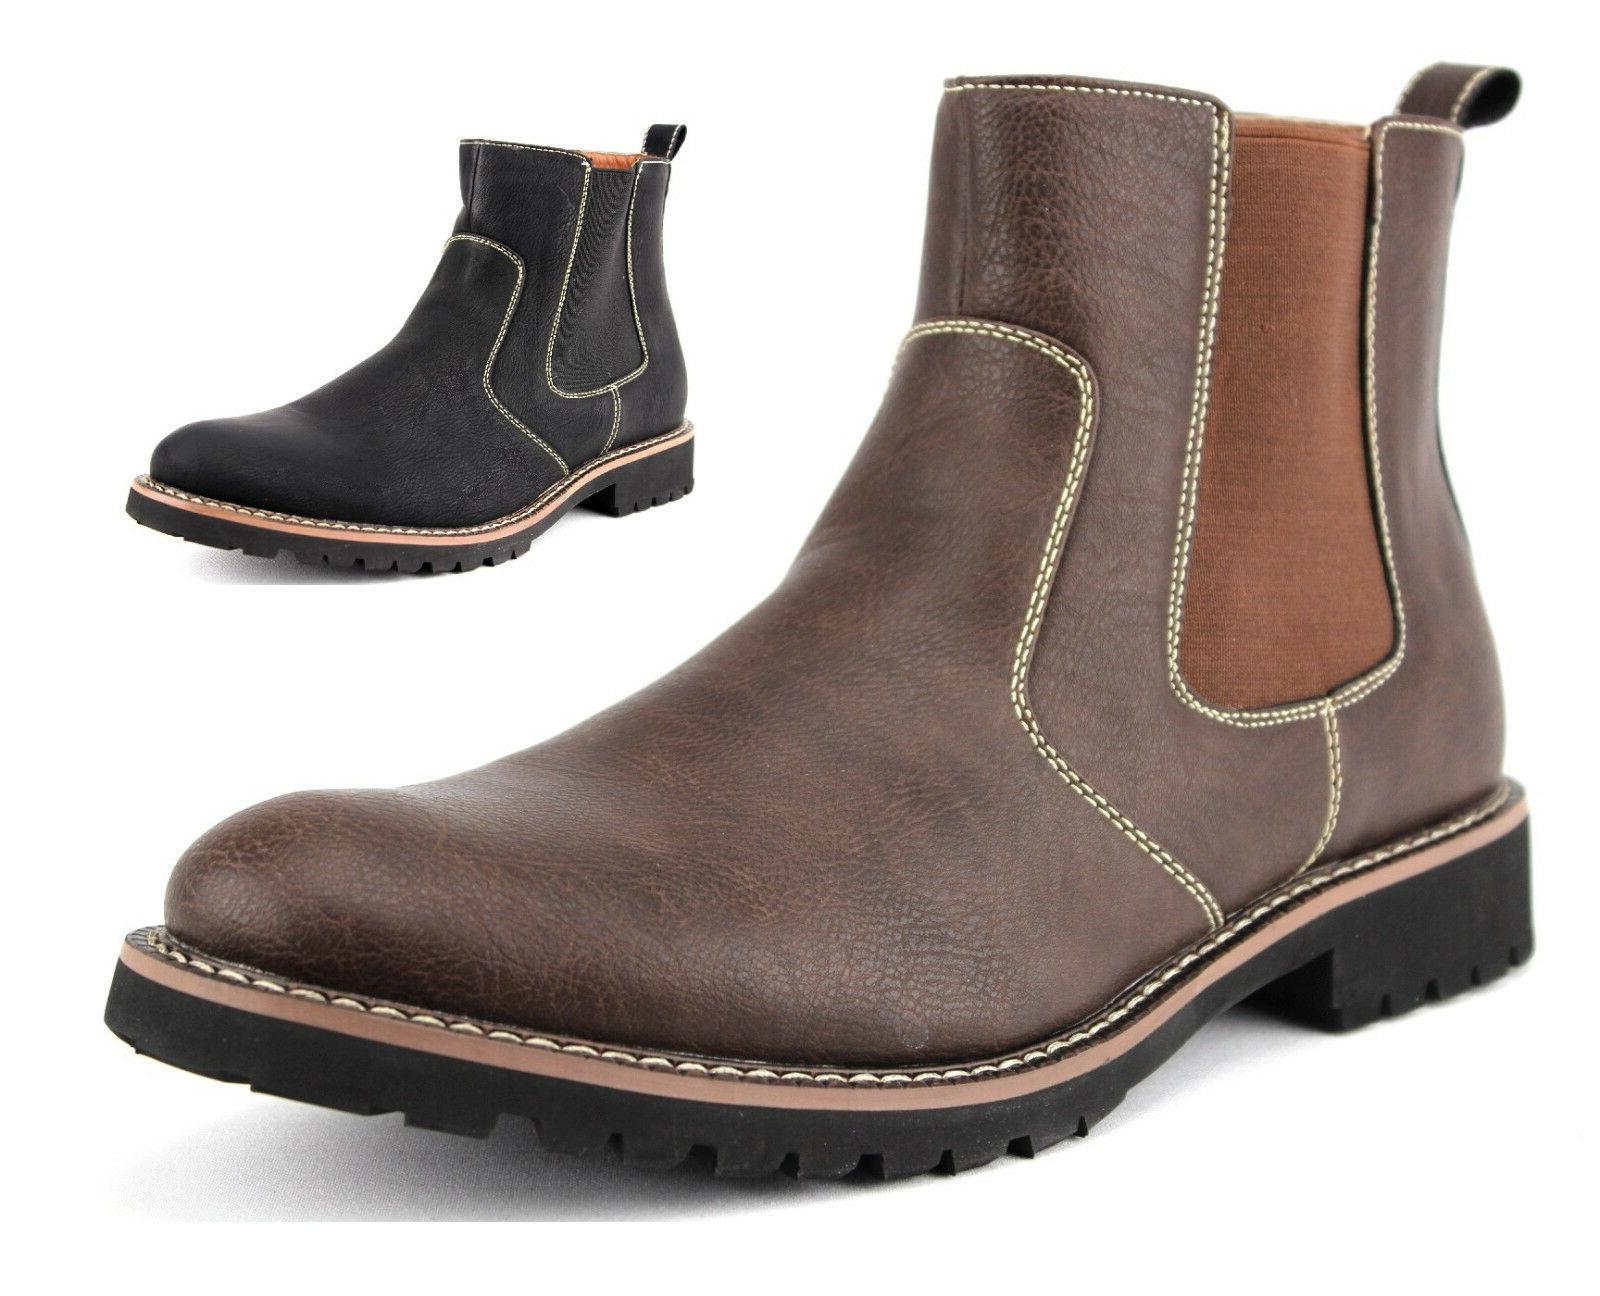 New Ferro Aldo Mens Classic Slip On Desert Ankle High Chelse